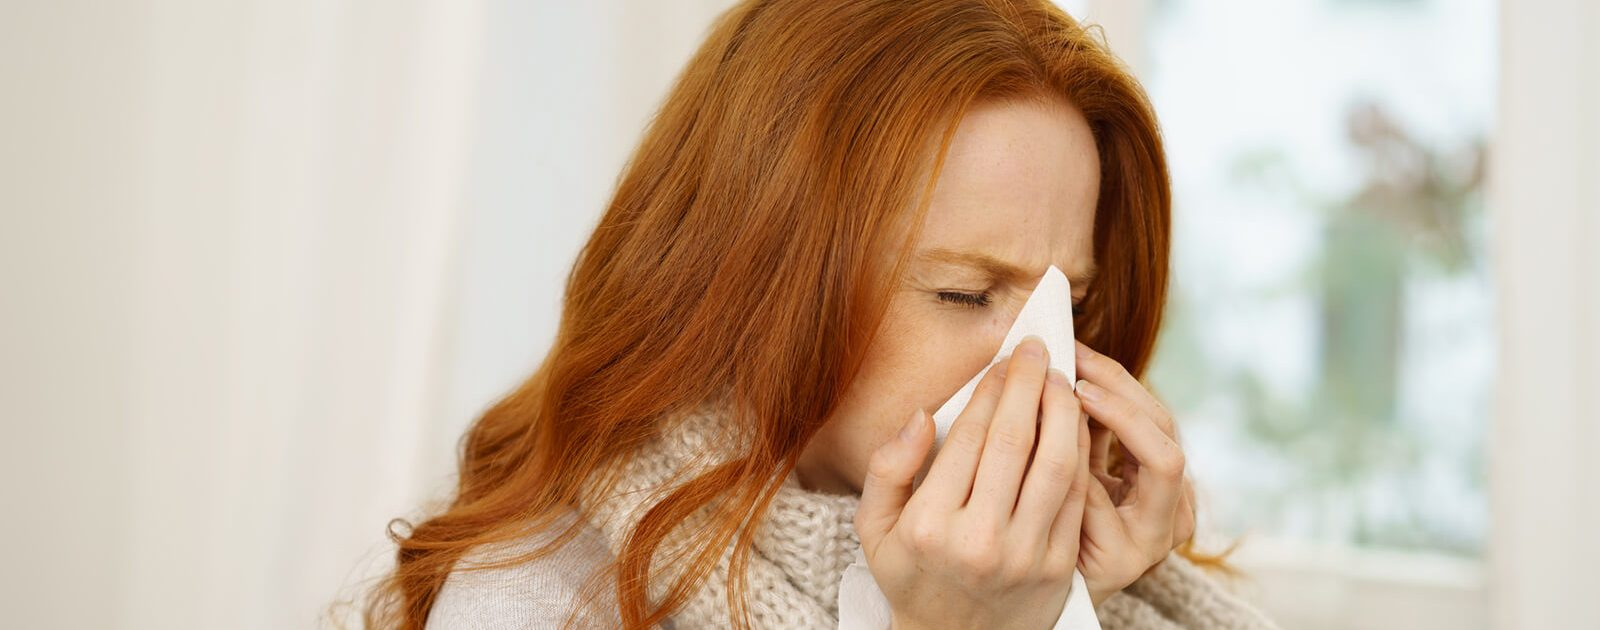 Eine Frau mit Schnupfen als Nasenbeschwerde.